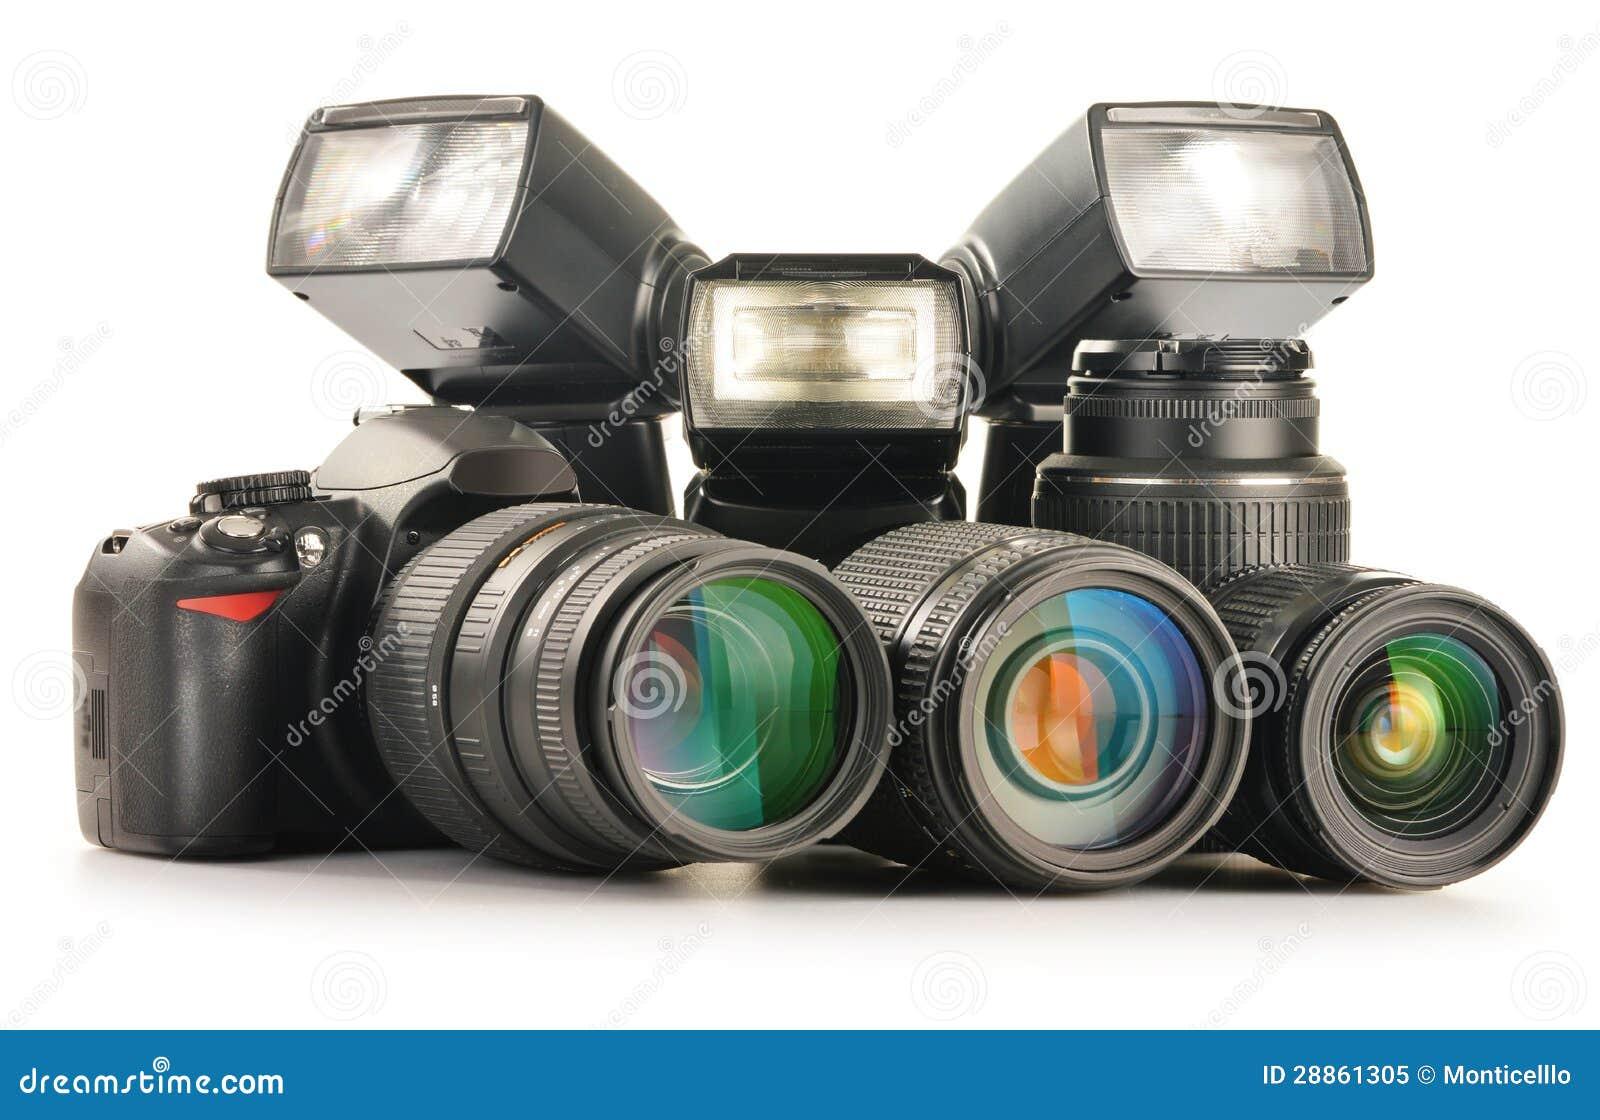 Equipamento da foto que inclui lentes zoom, câmera e luzes do flash